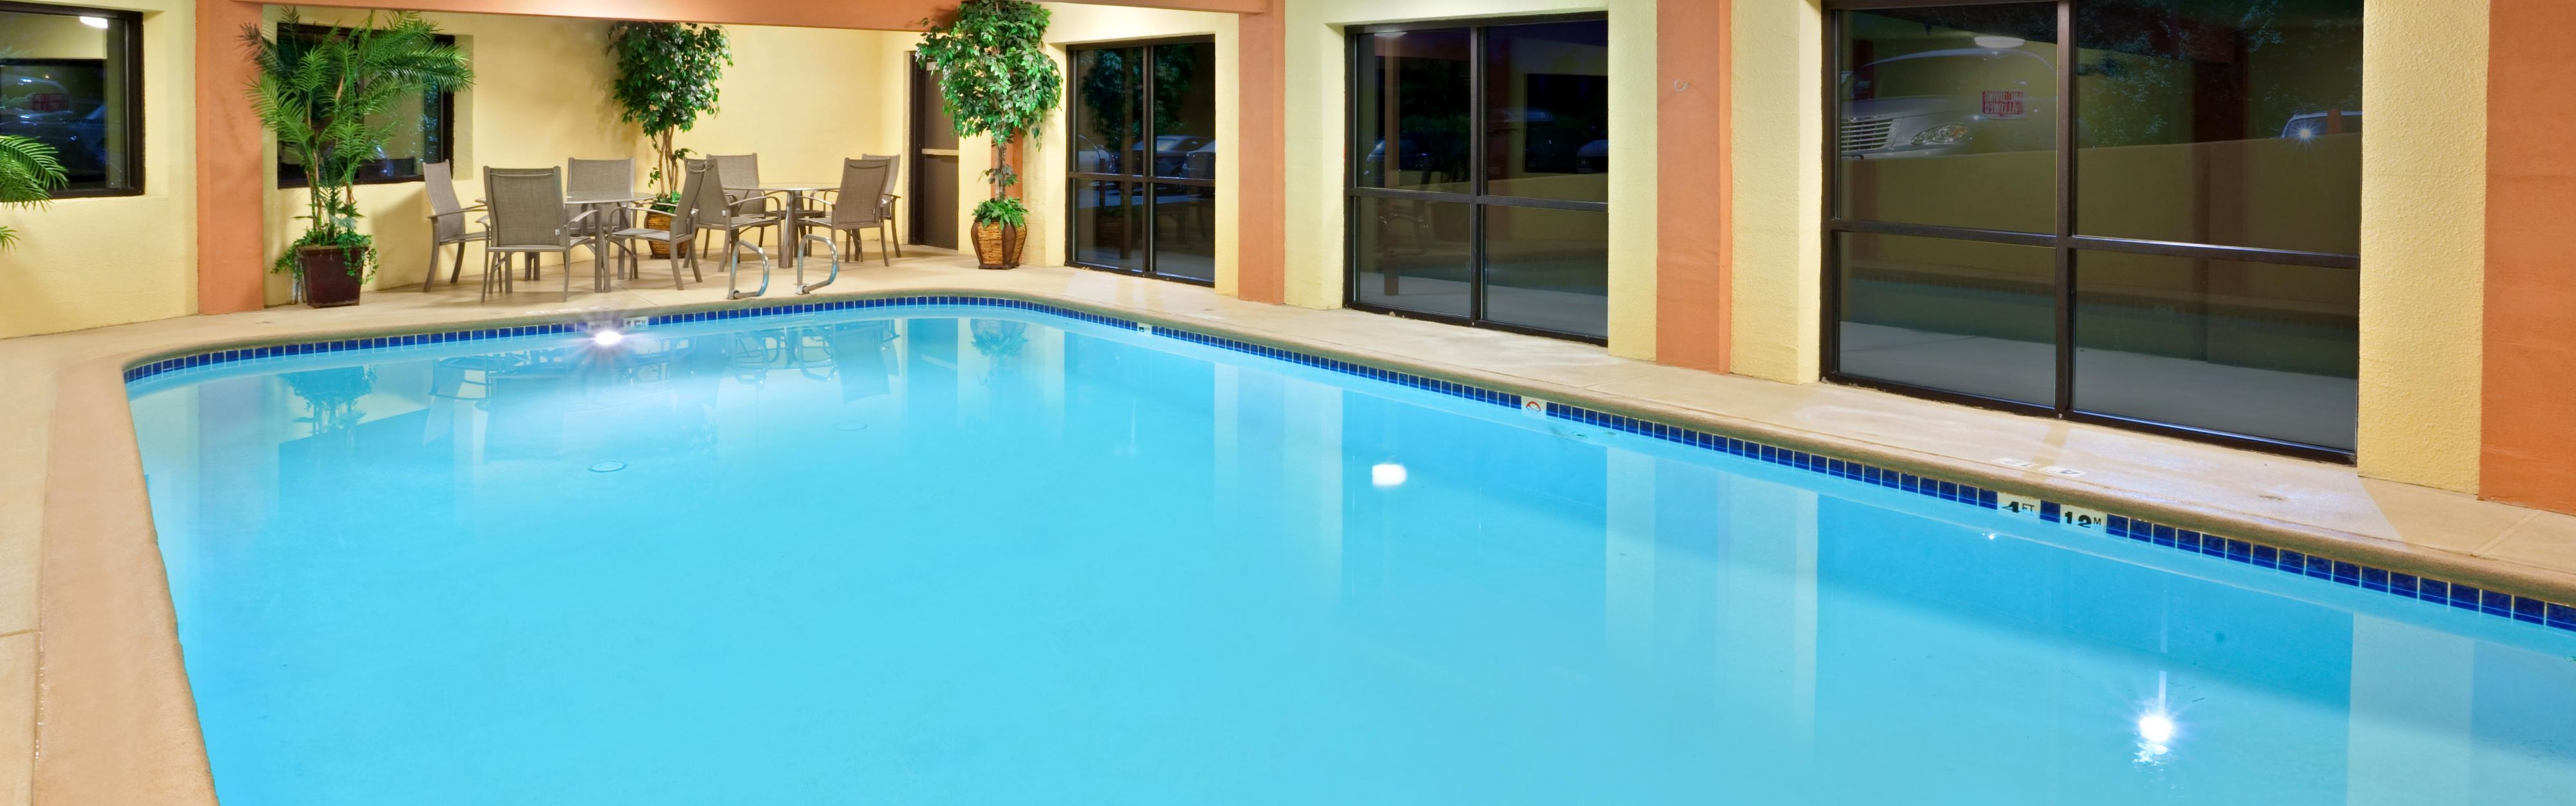 Holiday Inn Express Portland South - Lake Oswego image 2